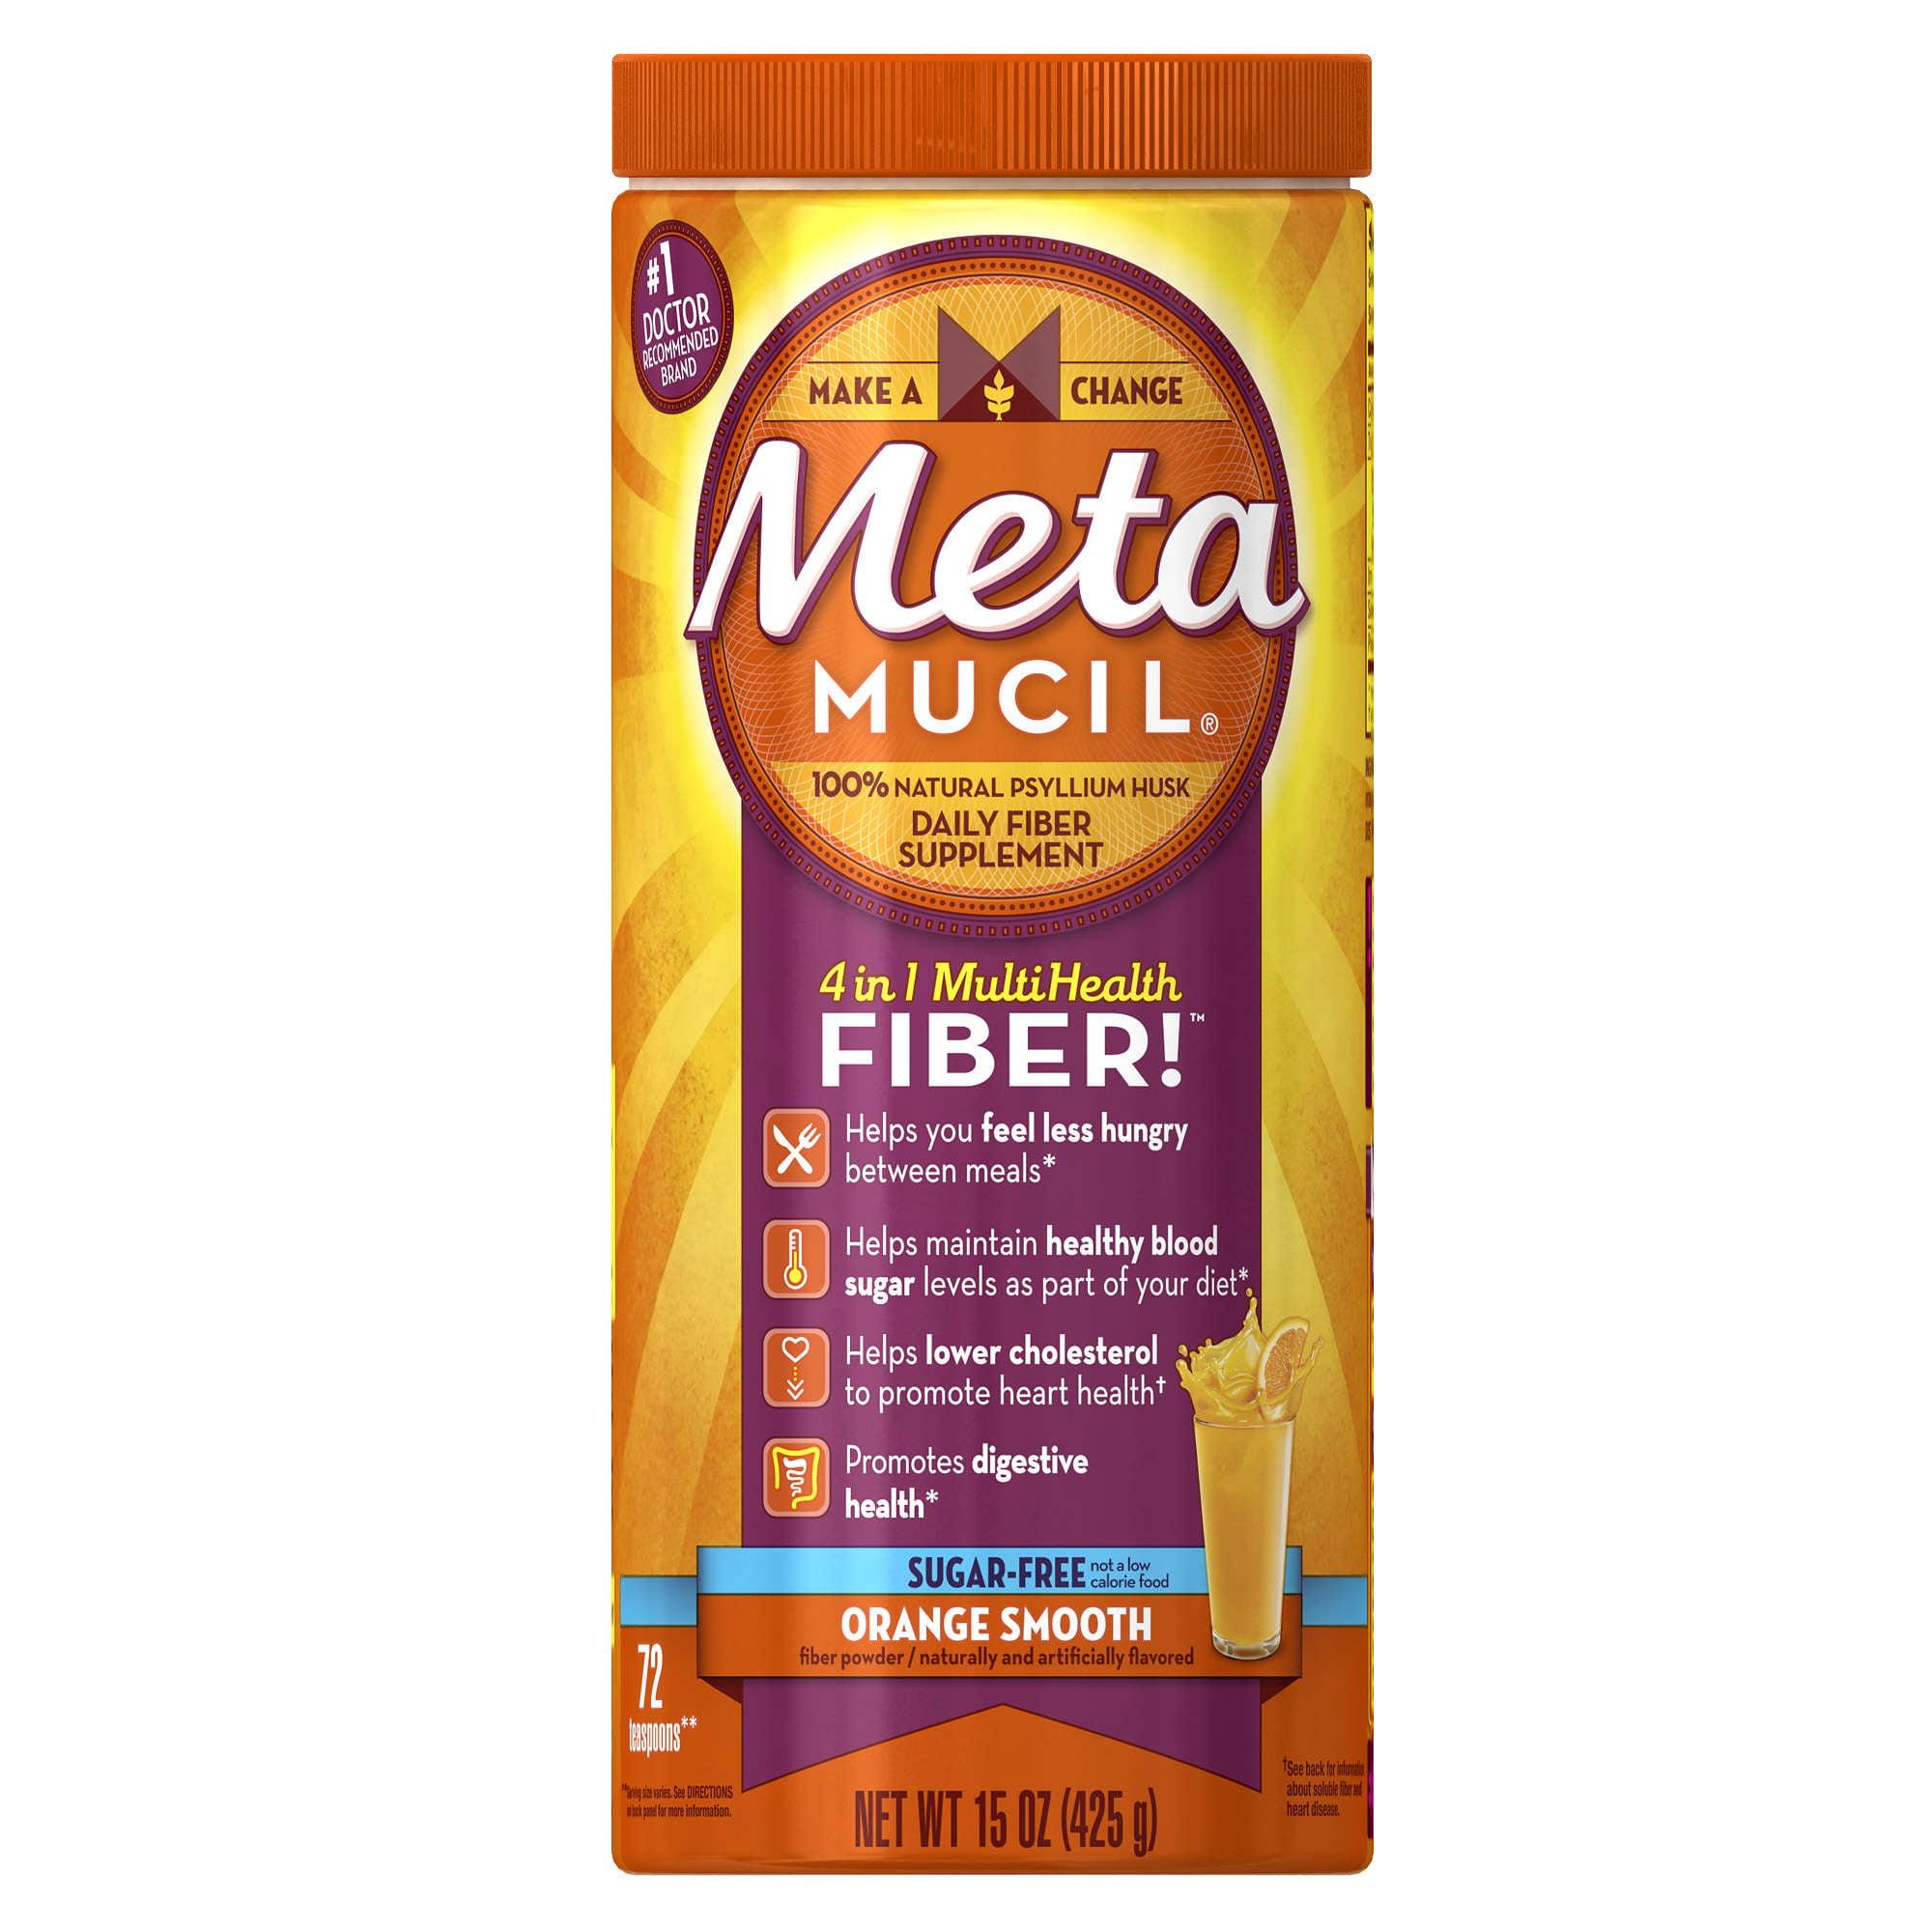 Metamucil Psyllium Fiber Supplement by Meta Orange Smooth Sugar Free Powder 15 oz 72 doses